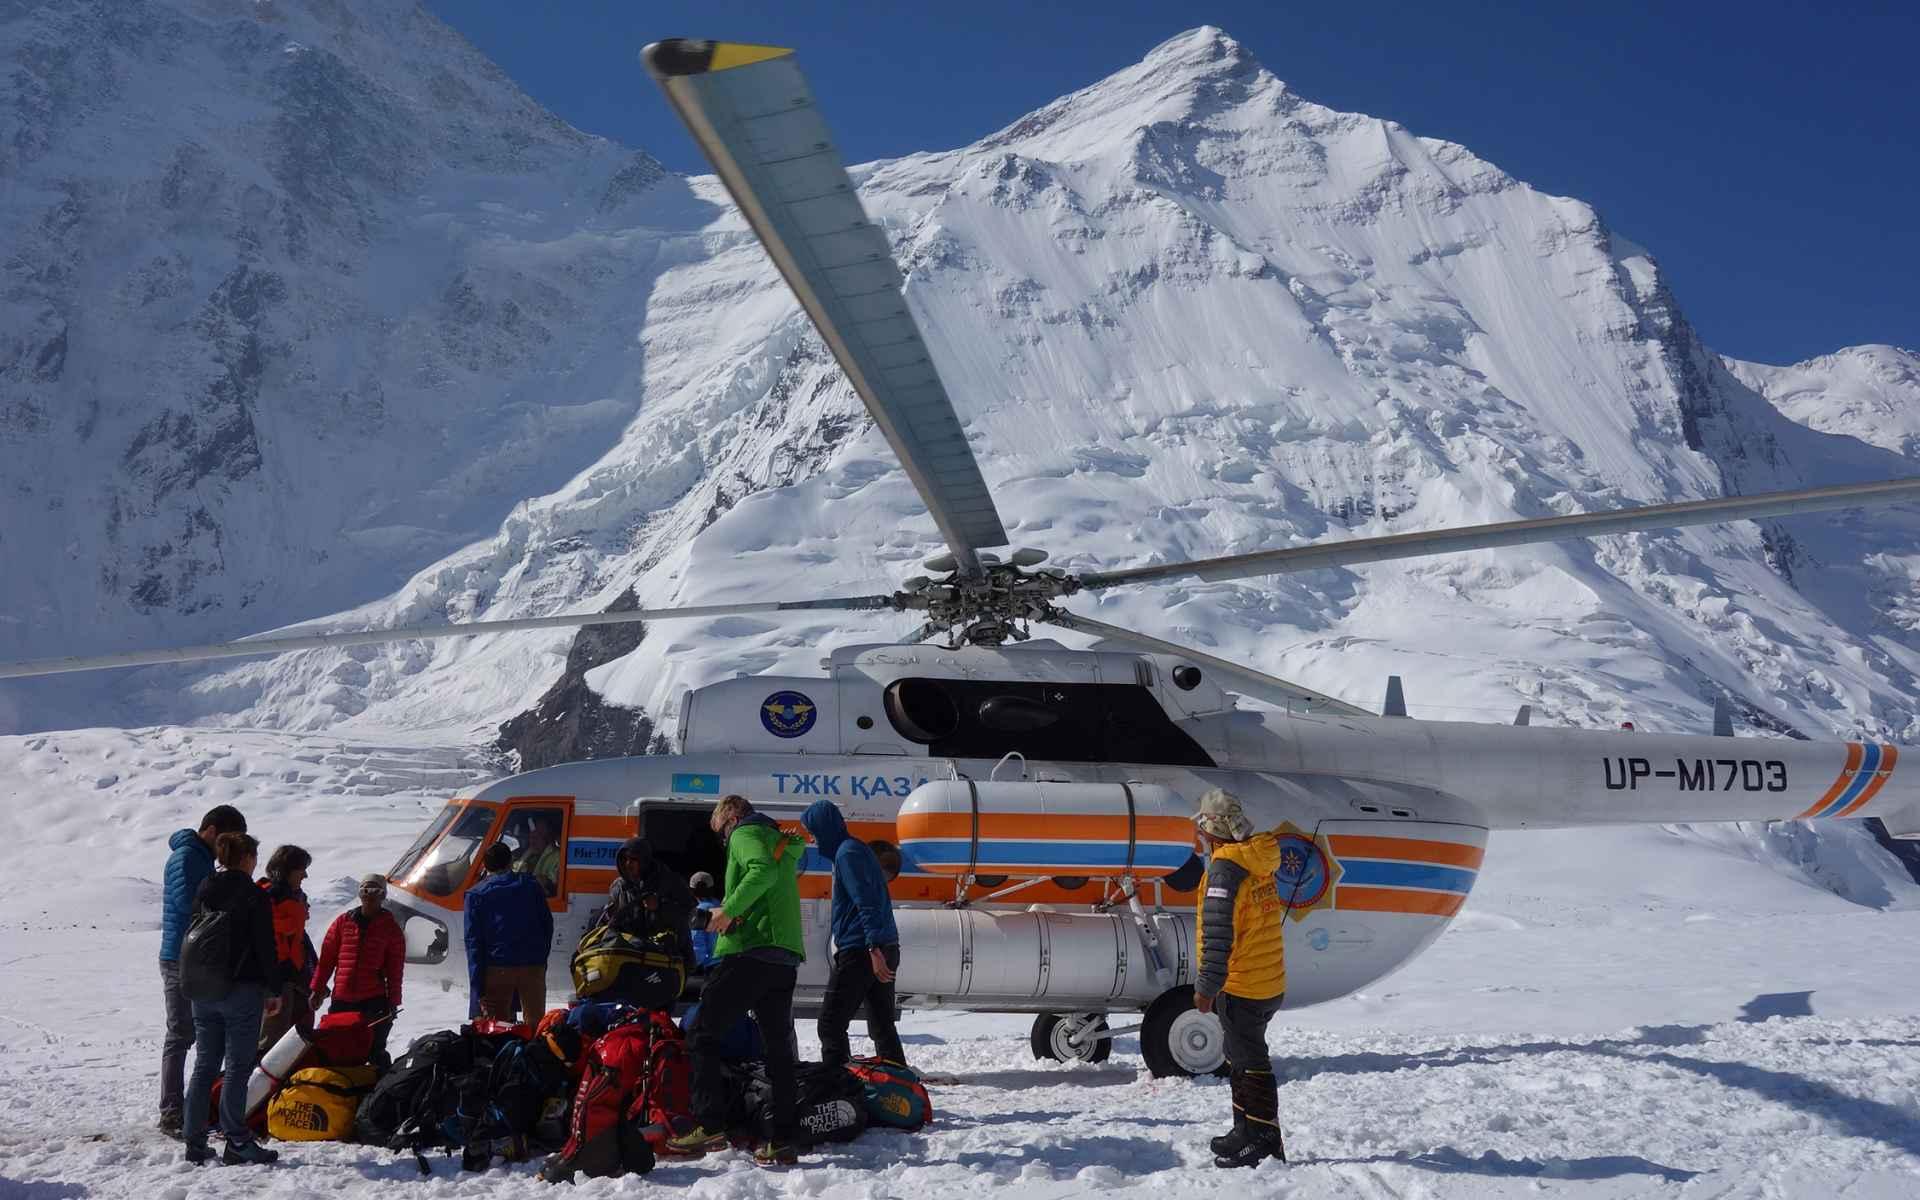 De vlucht met een oud Russisch militair vliegtuig over de Inylchekgletsjer, een van de grootste gletsjers ter wereld buiten de polen, is adembenemend.